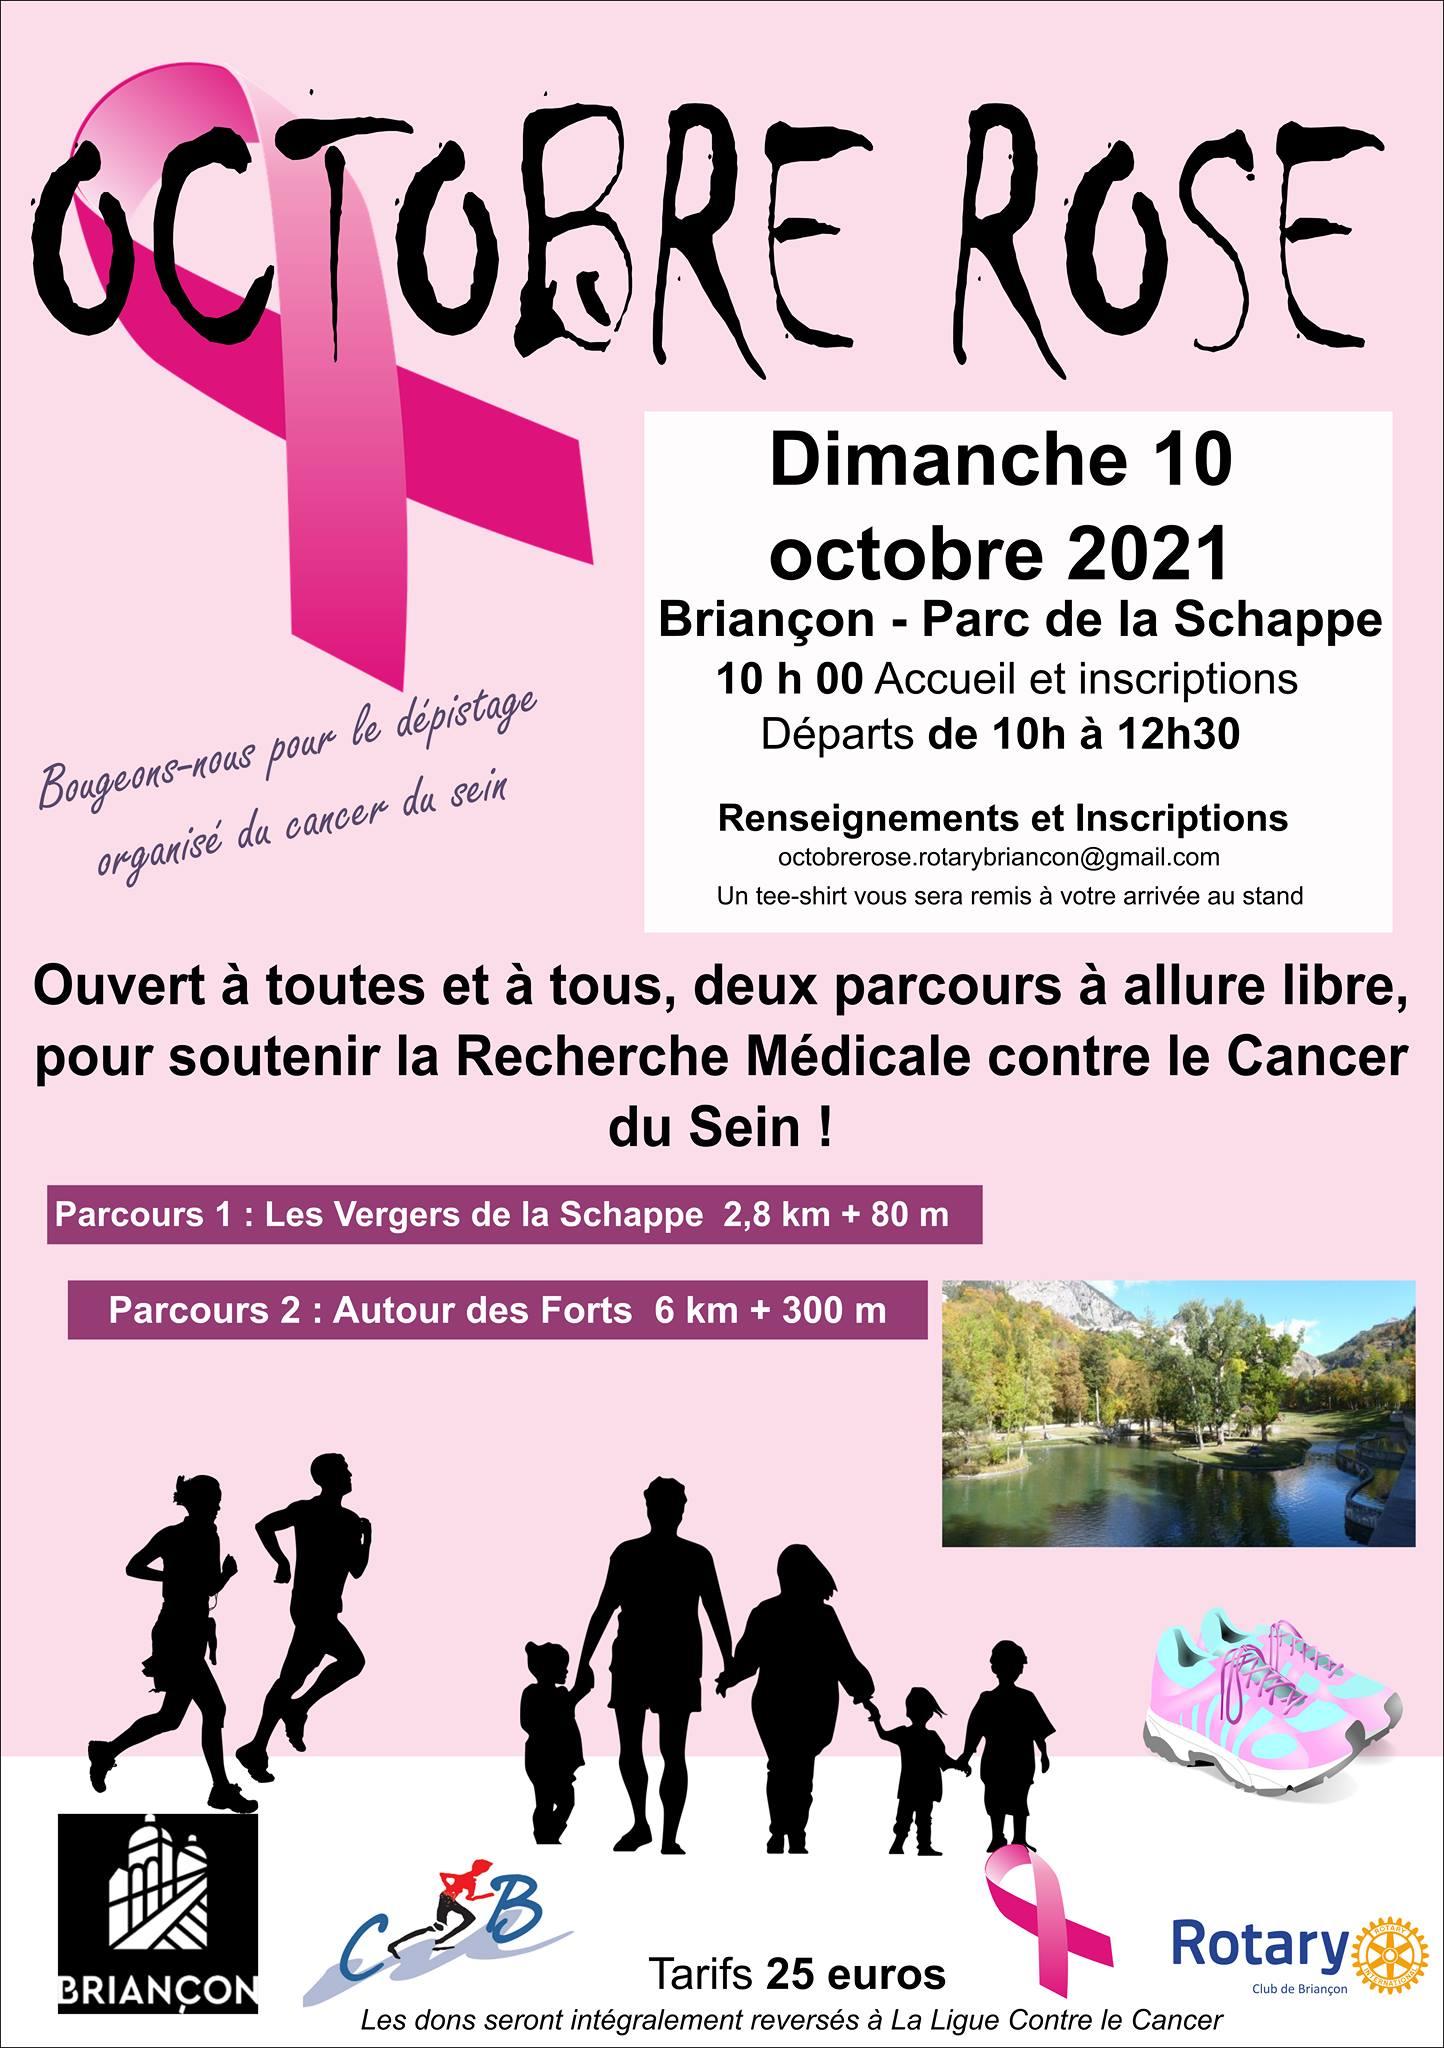 Bougeons-nous pour le dépistage organisé du cancer du sein !